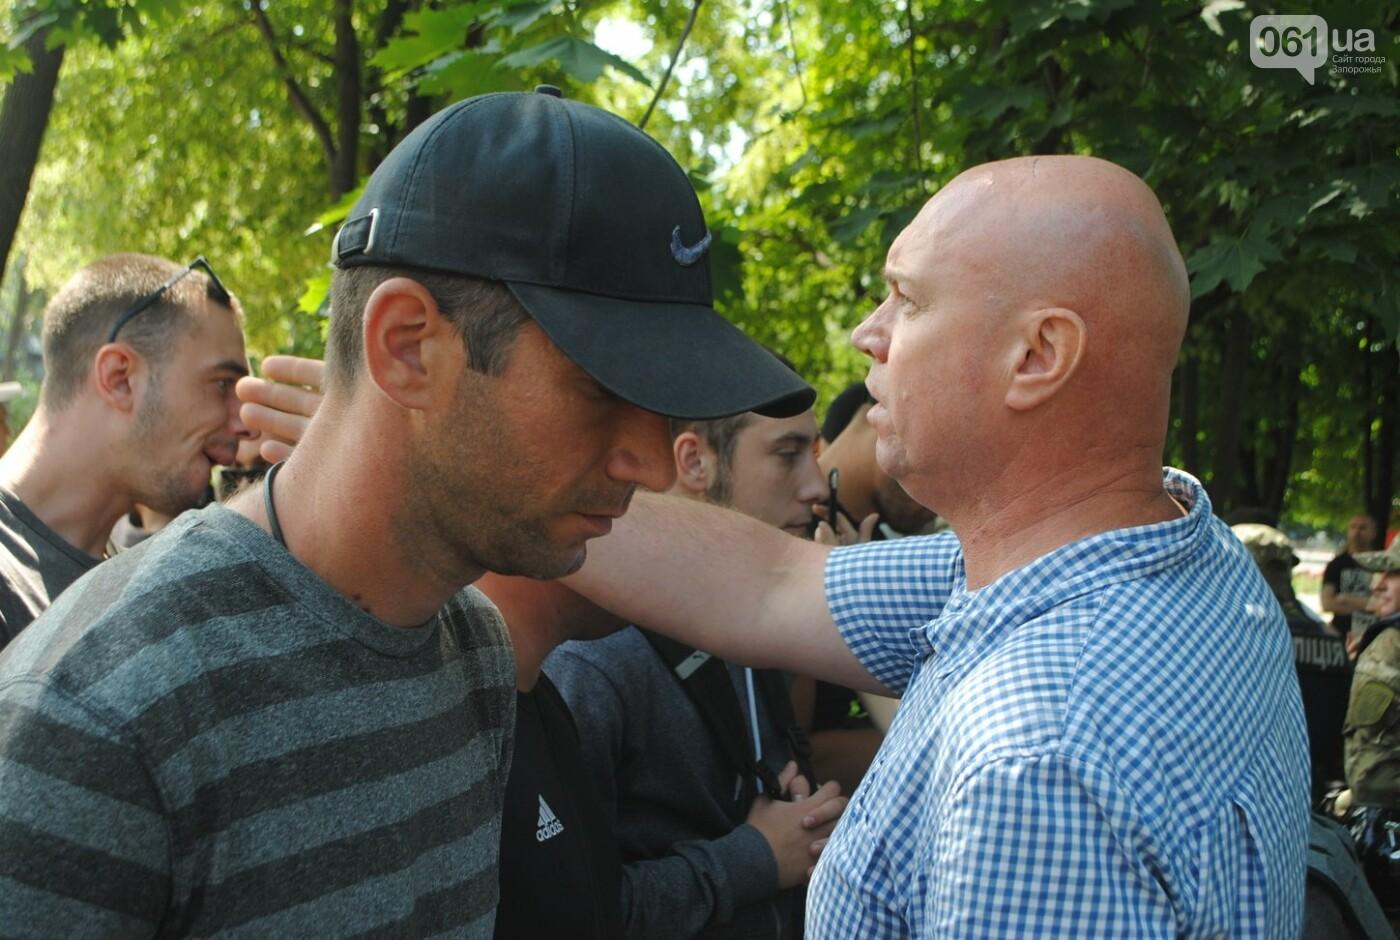 Протест в парке Яланского в лицах, - колоритный ФОТОРЕПОРТАЖ, фото-14